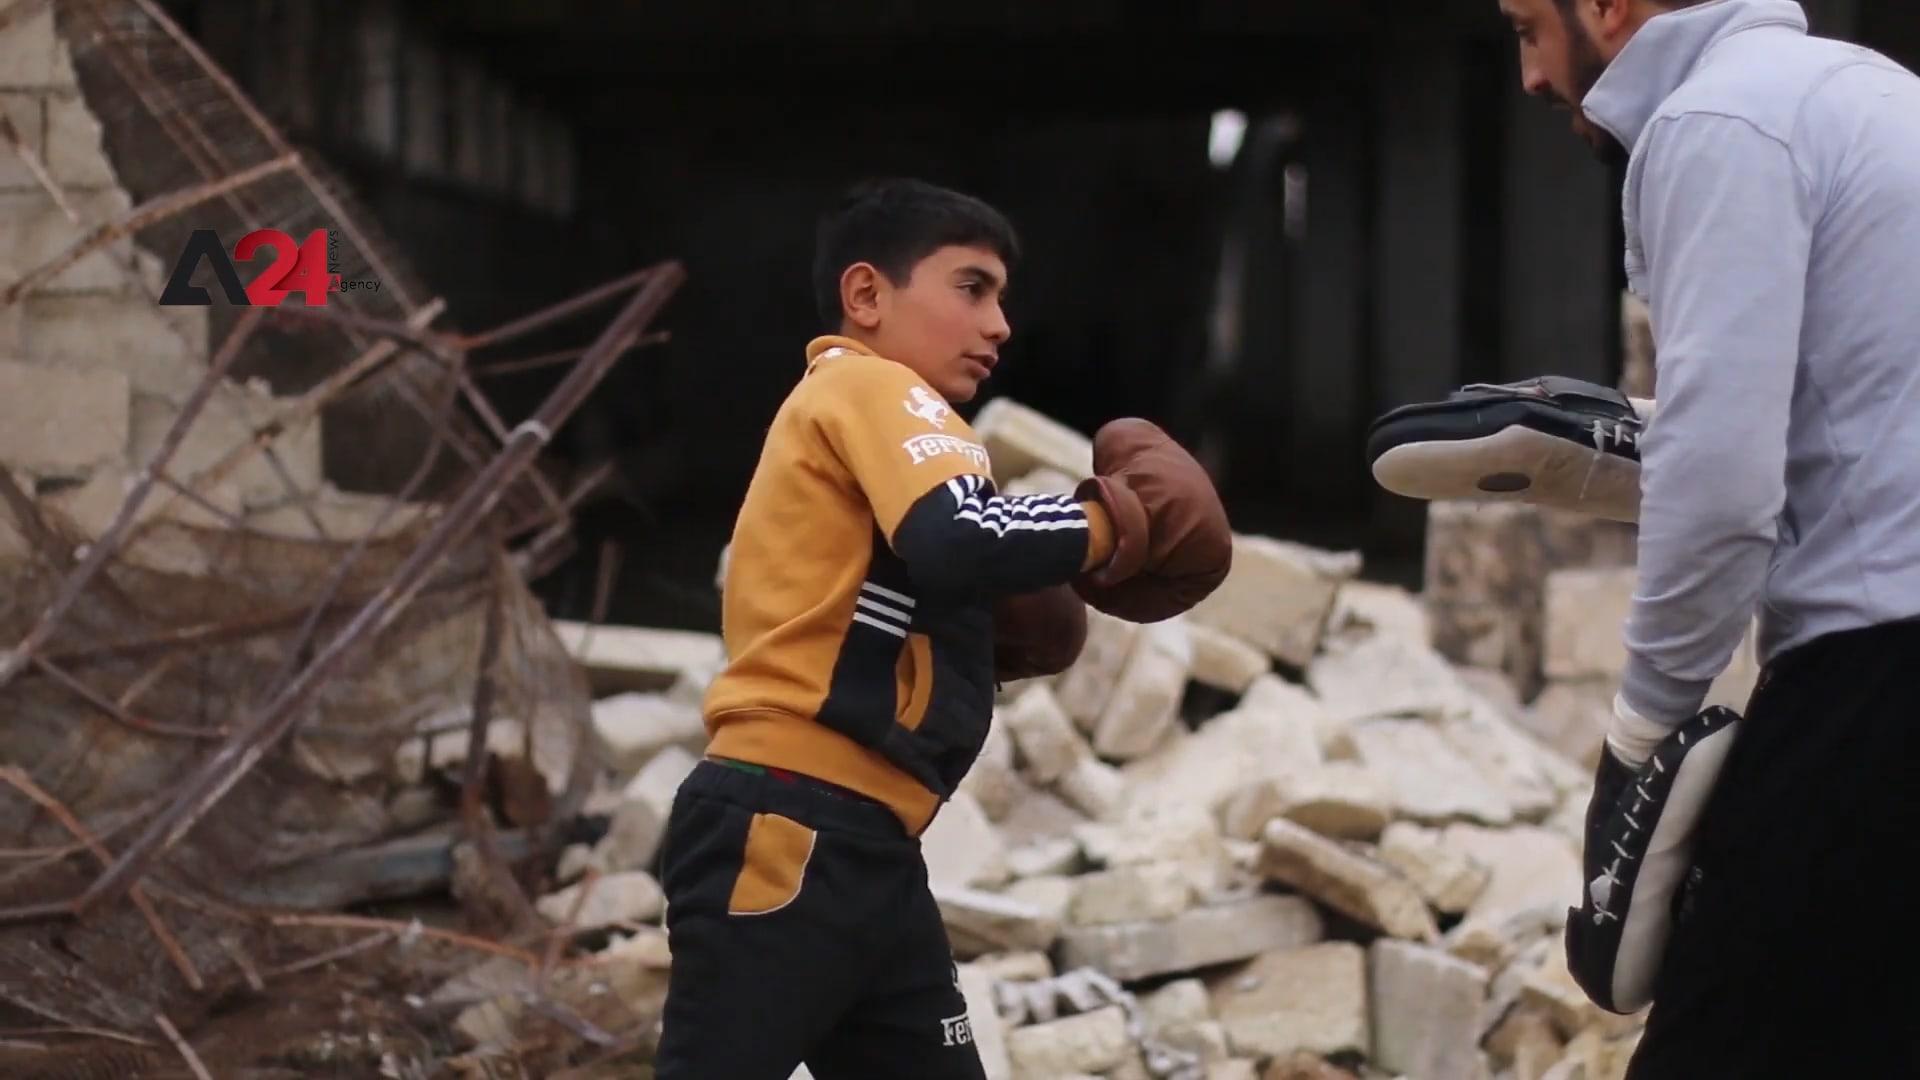 المباني المدمرة في سوريا تتحول لحلبة ملاكمة للأطفال